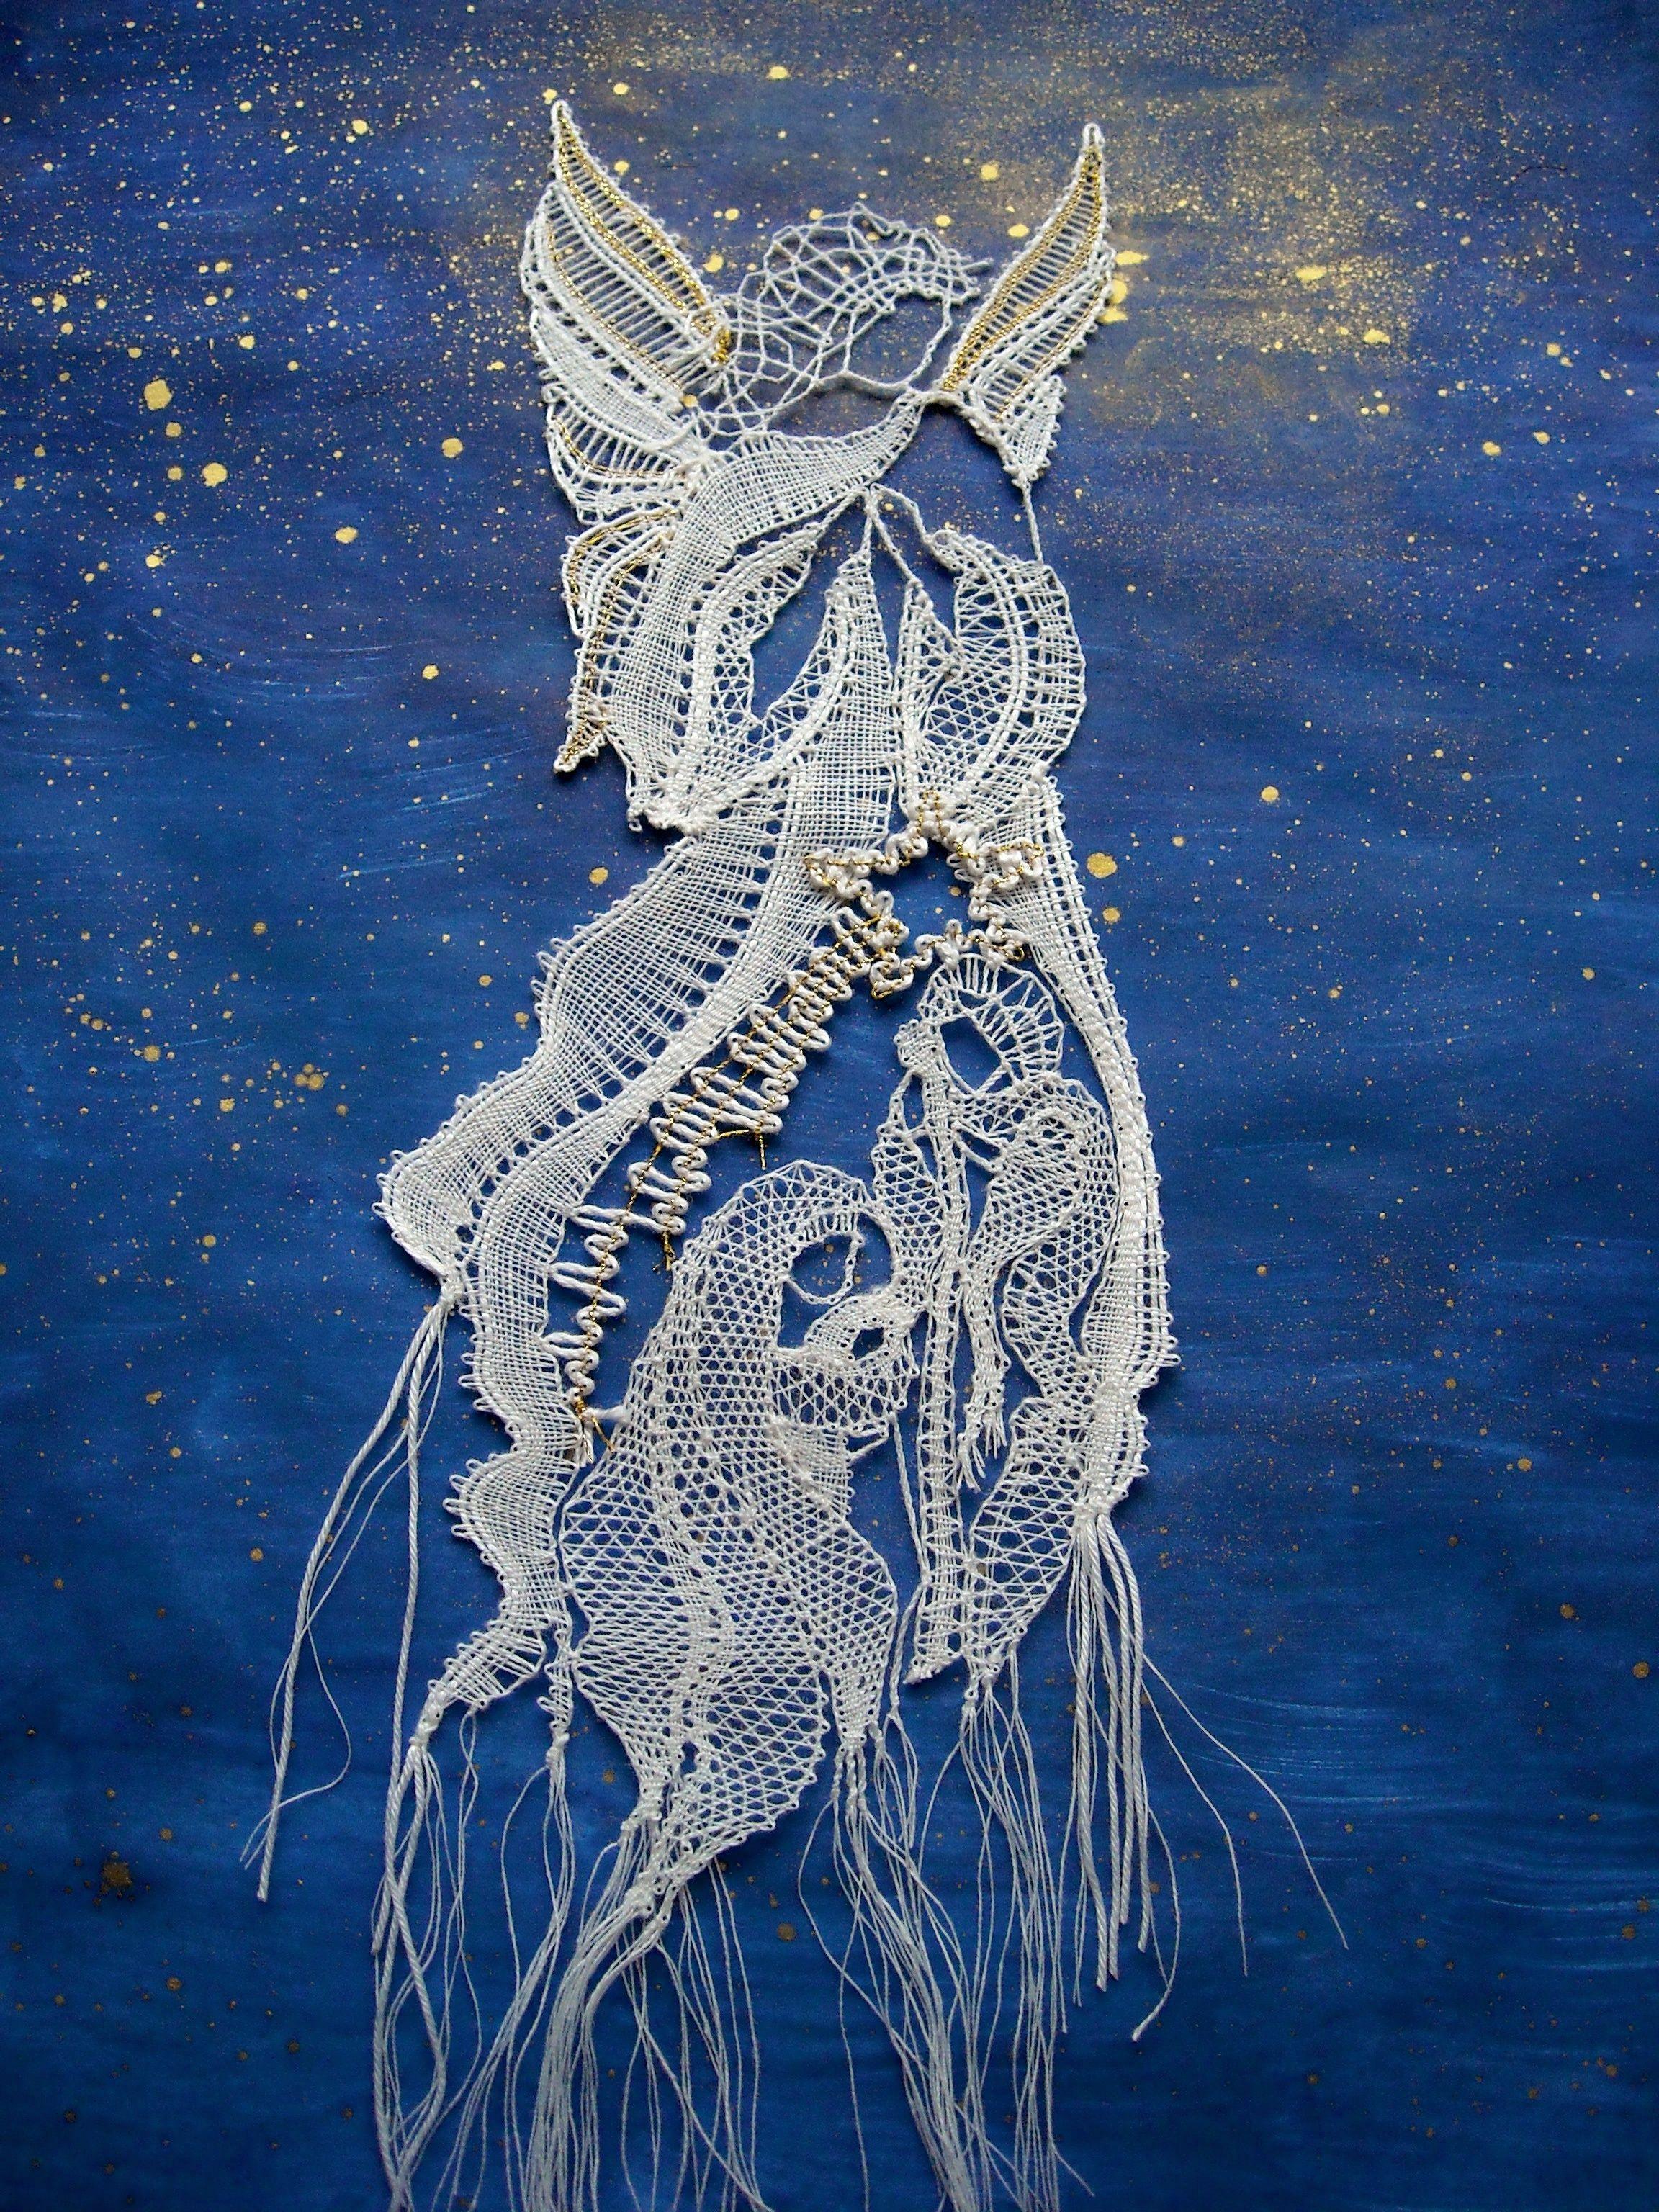 Weihnachten 2011 - Entwurf von Lenka Maslova Spetlova